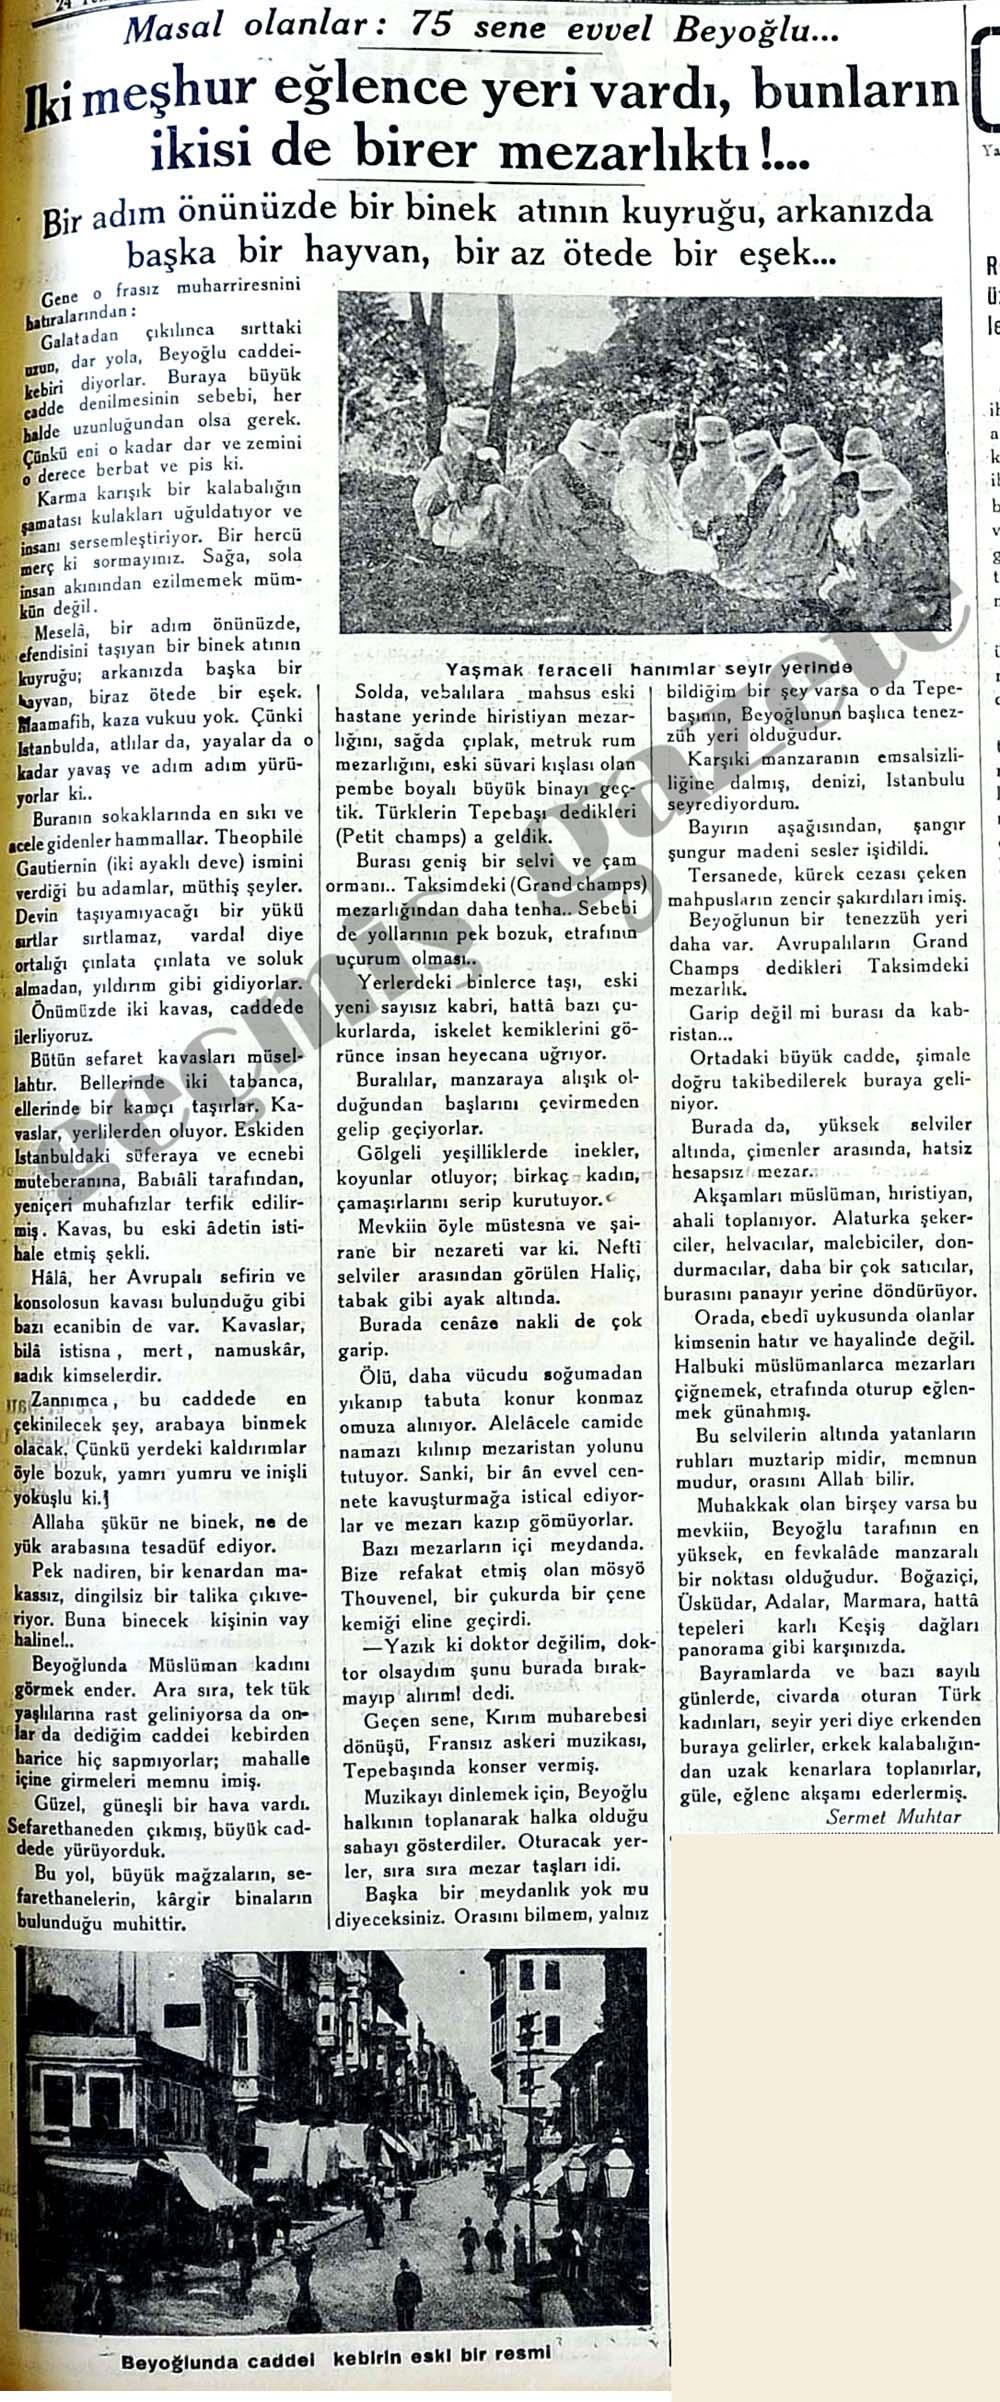 Masal olanlar: 75 sene evvel Beyoğlu...